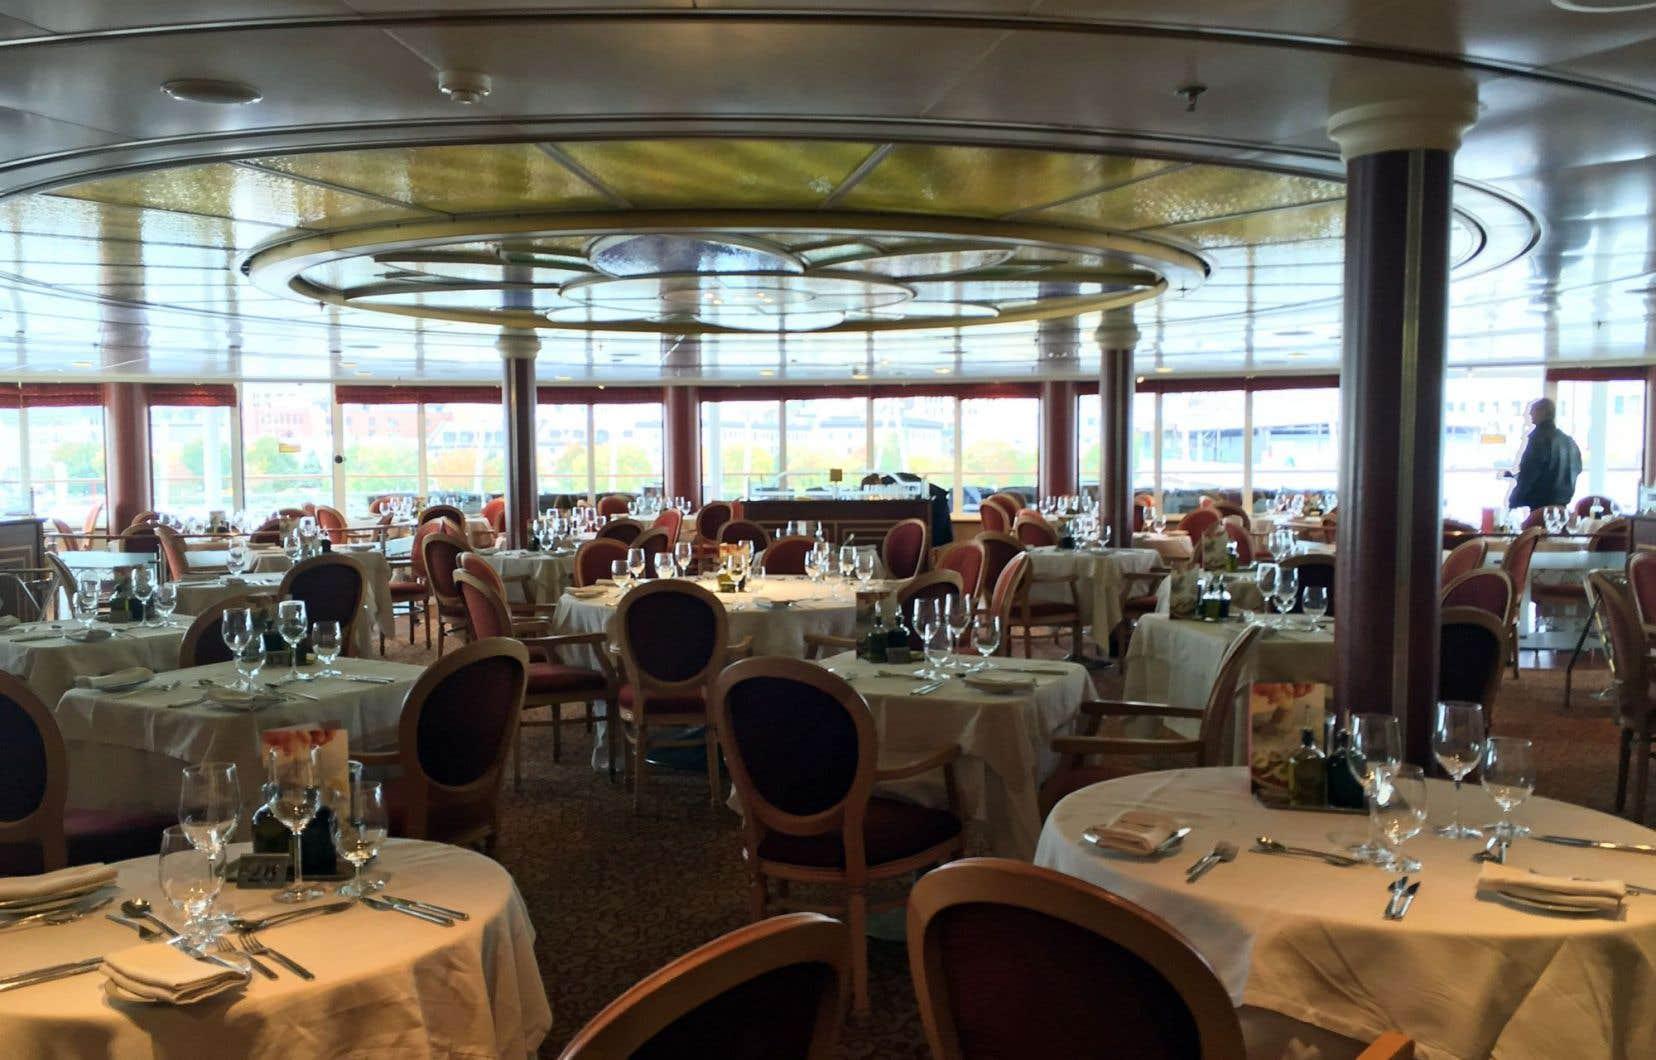 Malgré la petite taille du navire «Silver Whisper», ses cabines et ses espaces publics sont remarquablement vastes. Il y a suffisamment de place pour tout le monde, notamment dans le théâtre et les salles à manger où on peut s'attabler à l'heure de son choix.